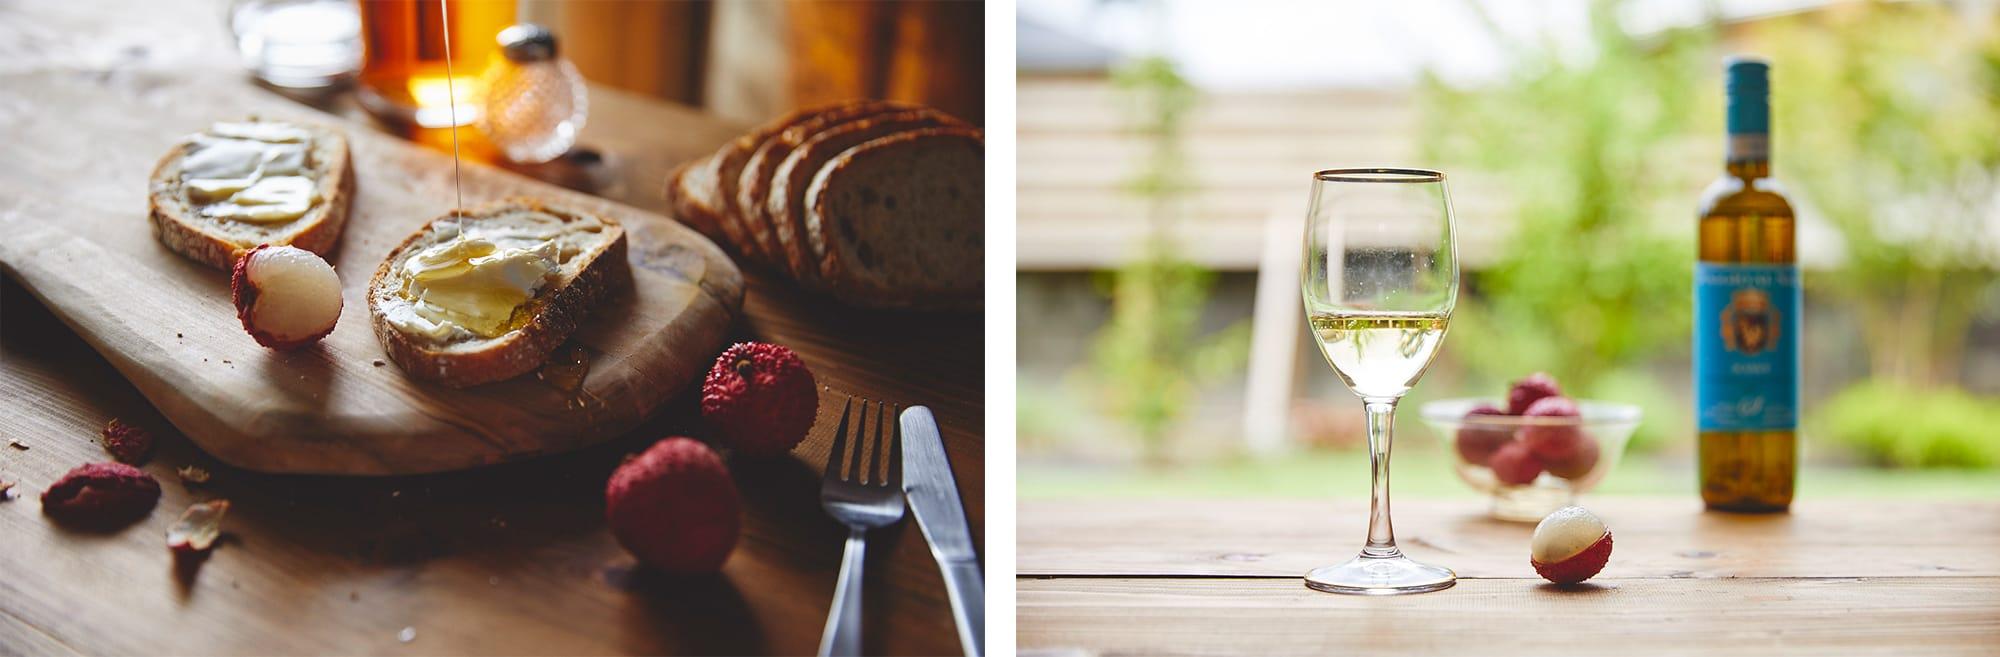 左:フレッシュなライチは、スイーツにも負けない甘みやプルンとした食感。右:食後のデザートとして味わうだけではなく、ワインのお供としても魅力的。